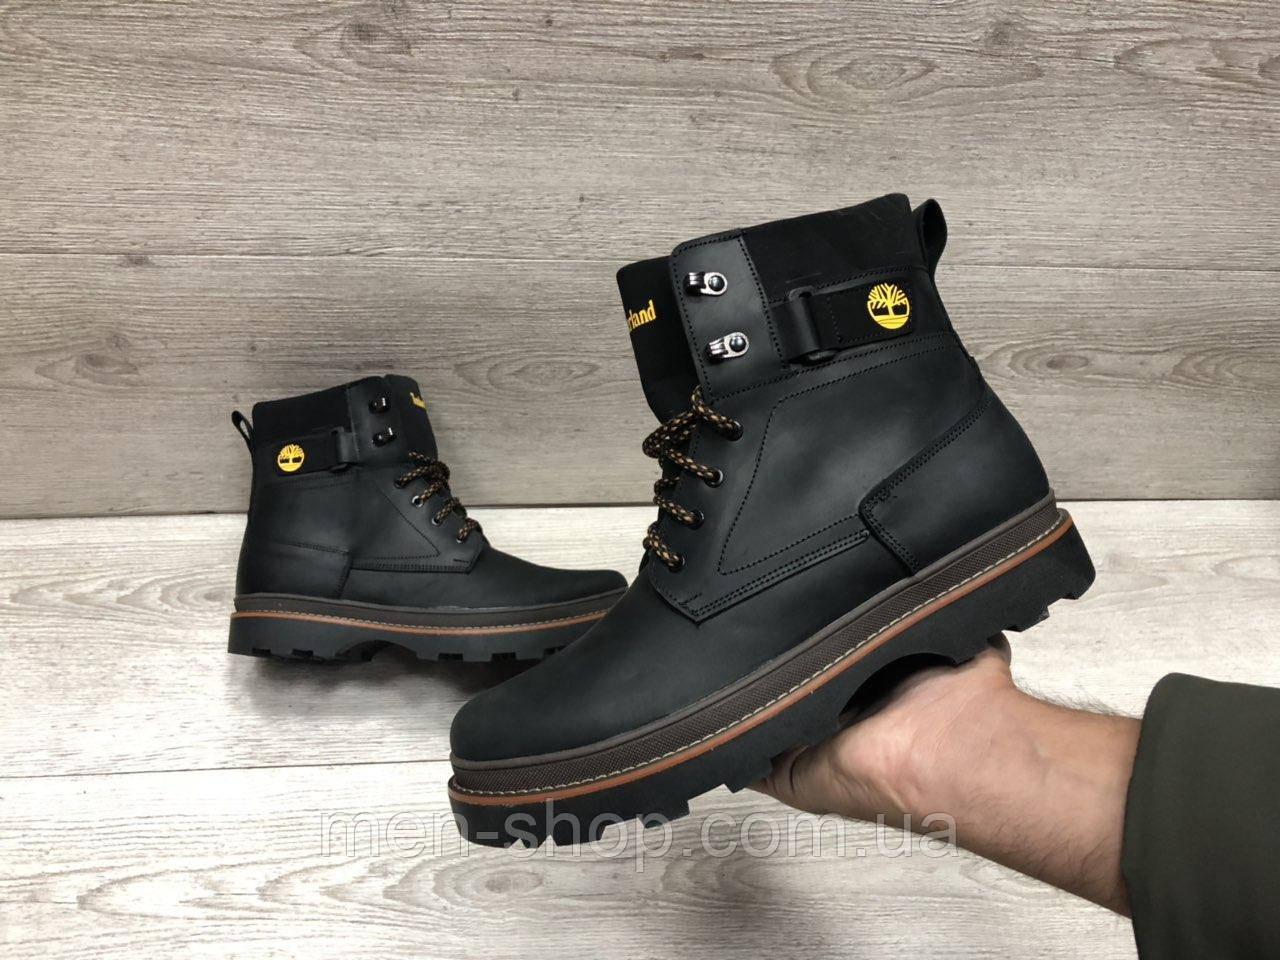 Зимние мужские ботинки в стиле Timberland, фото 1